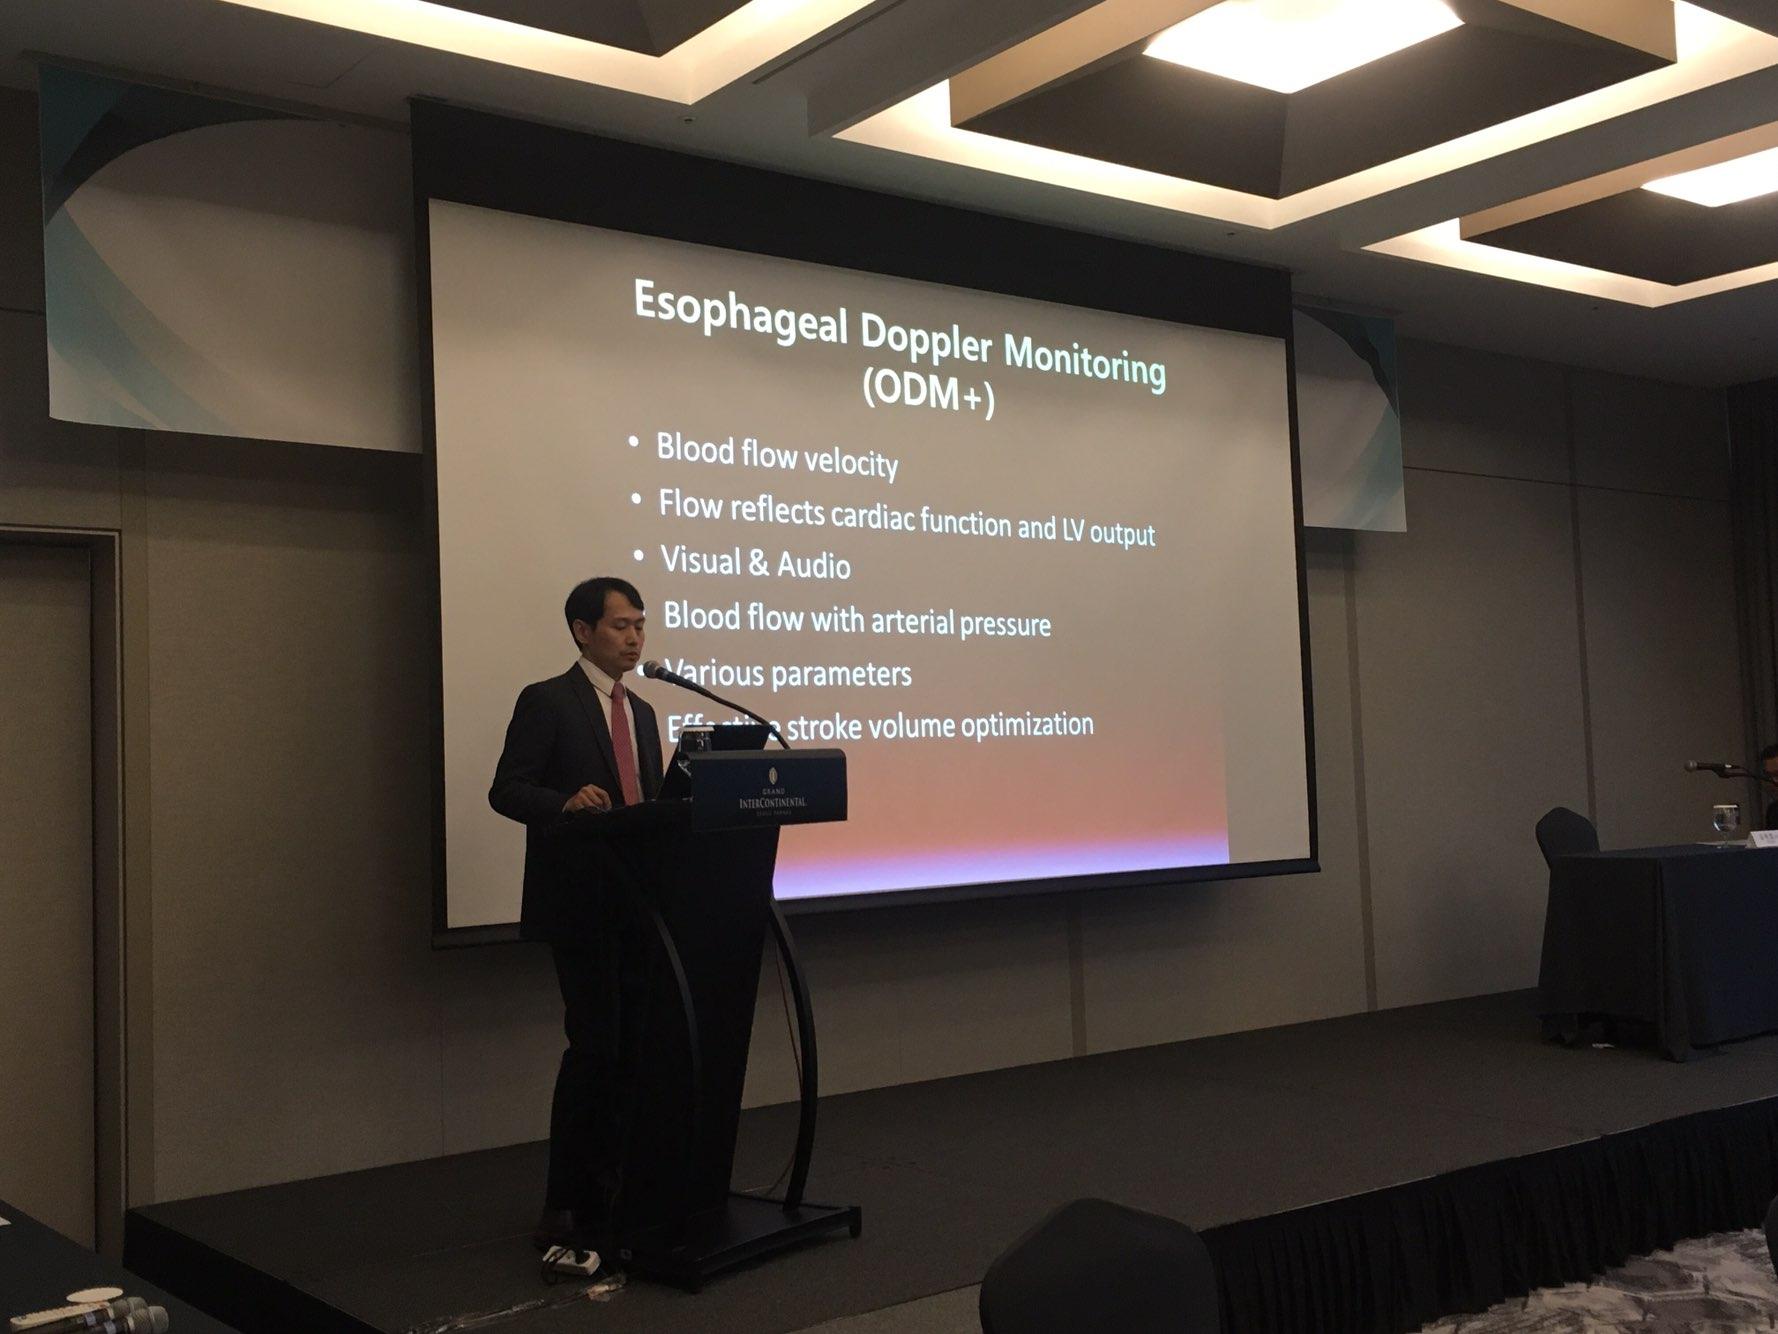 EWHA) Cardio Q Symposium 개최